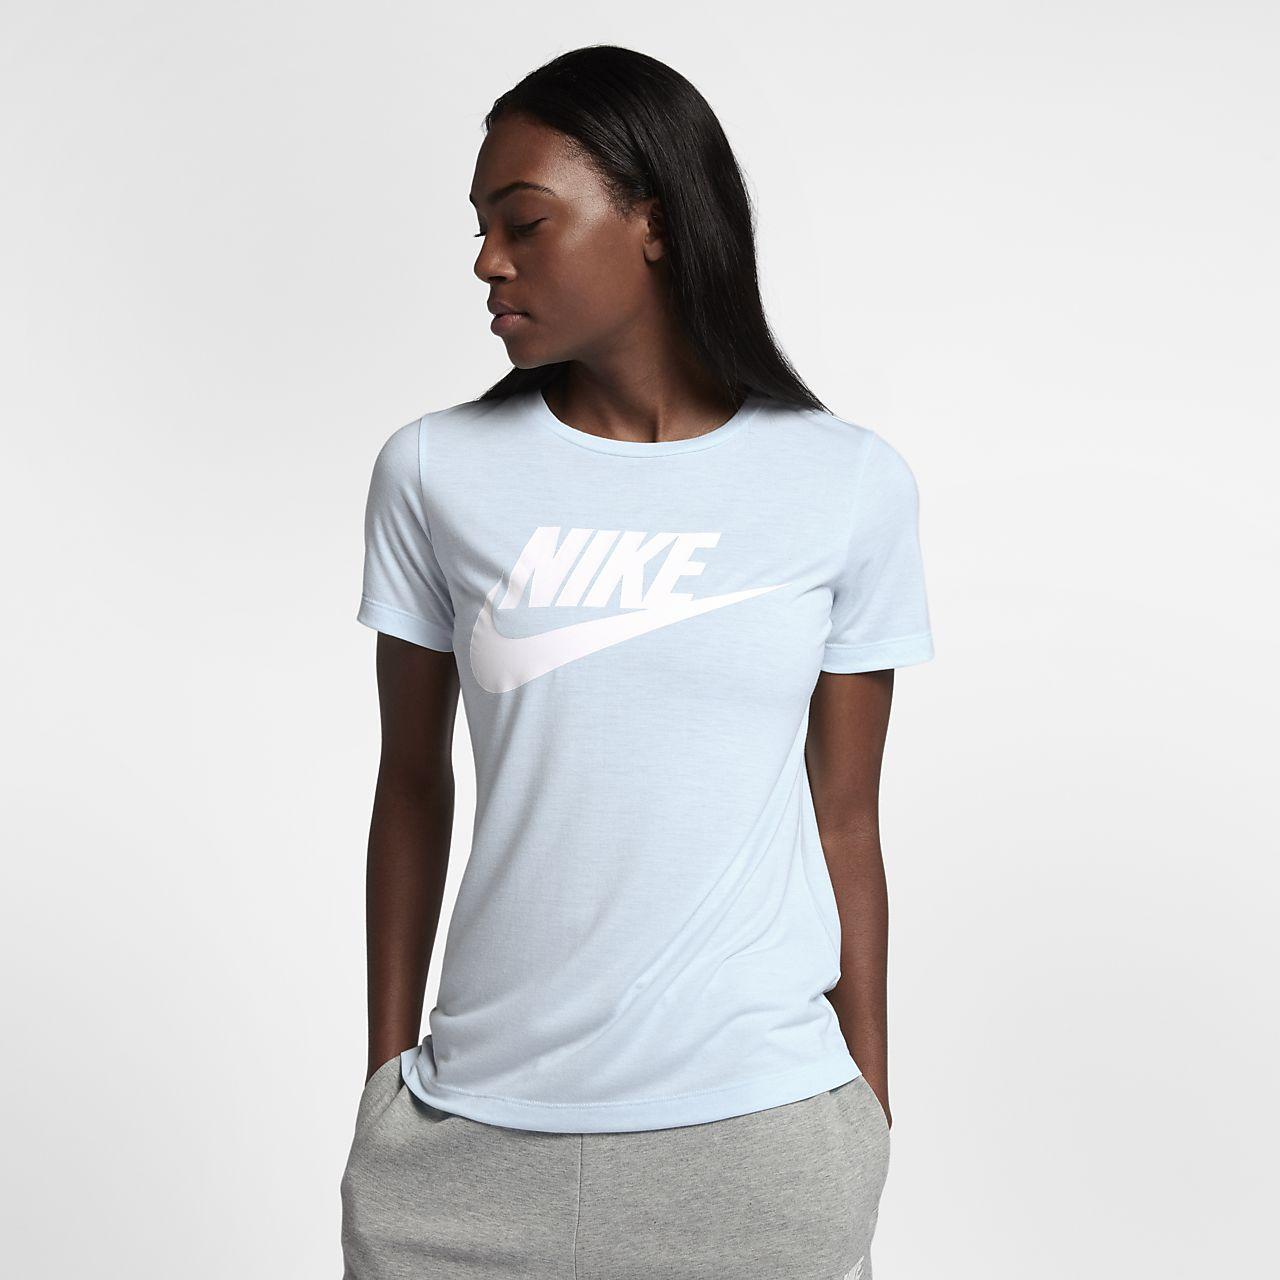 Nike Sportswear Womens Top